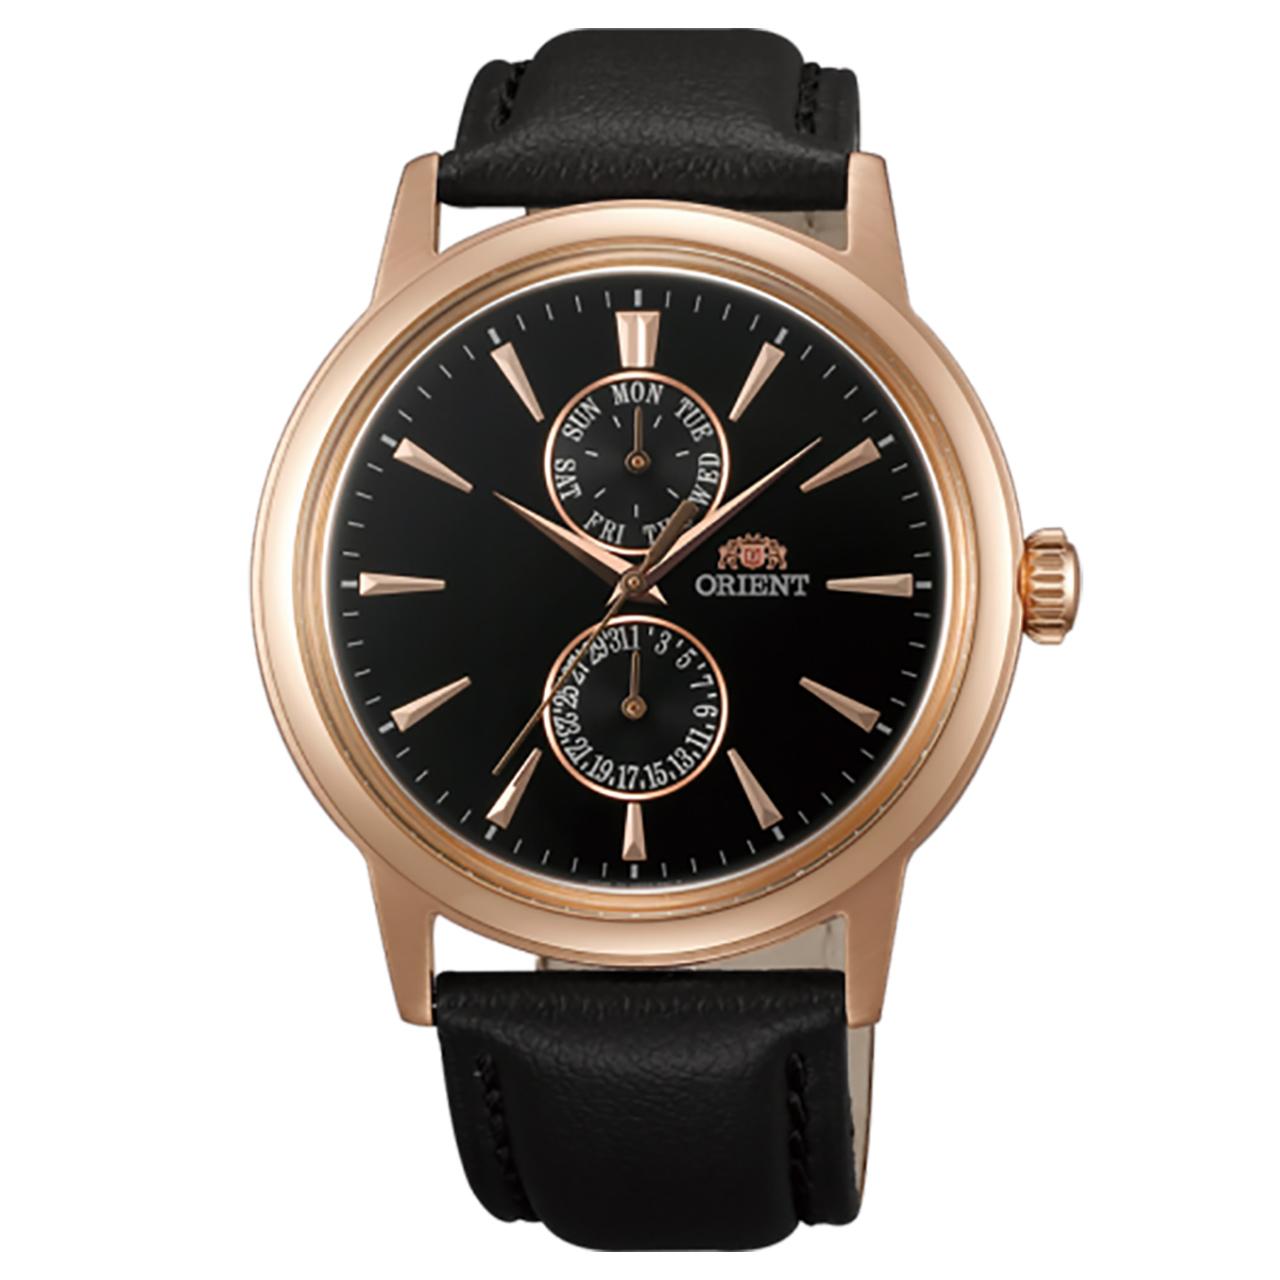 ساعت مچی عقربه ای مردانه  اورینت مدل SUW00001B0 22